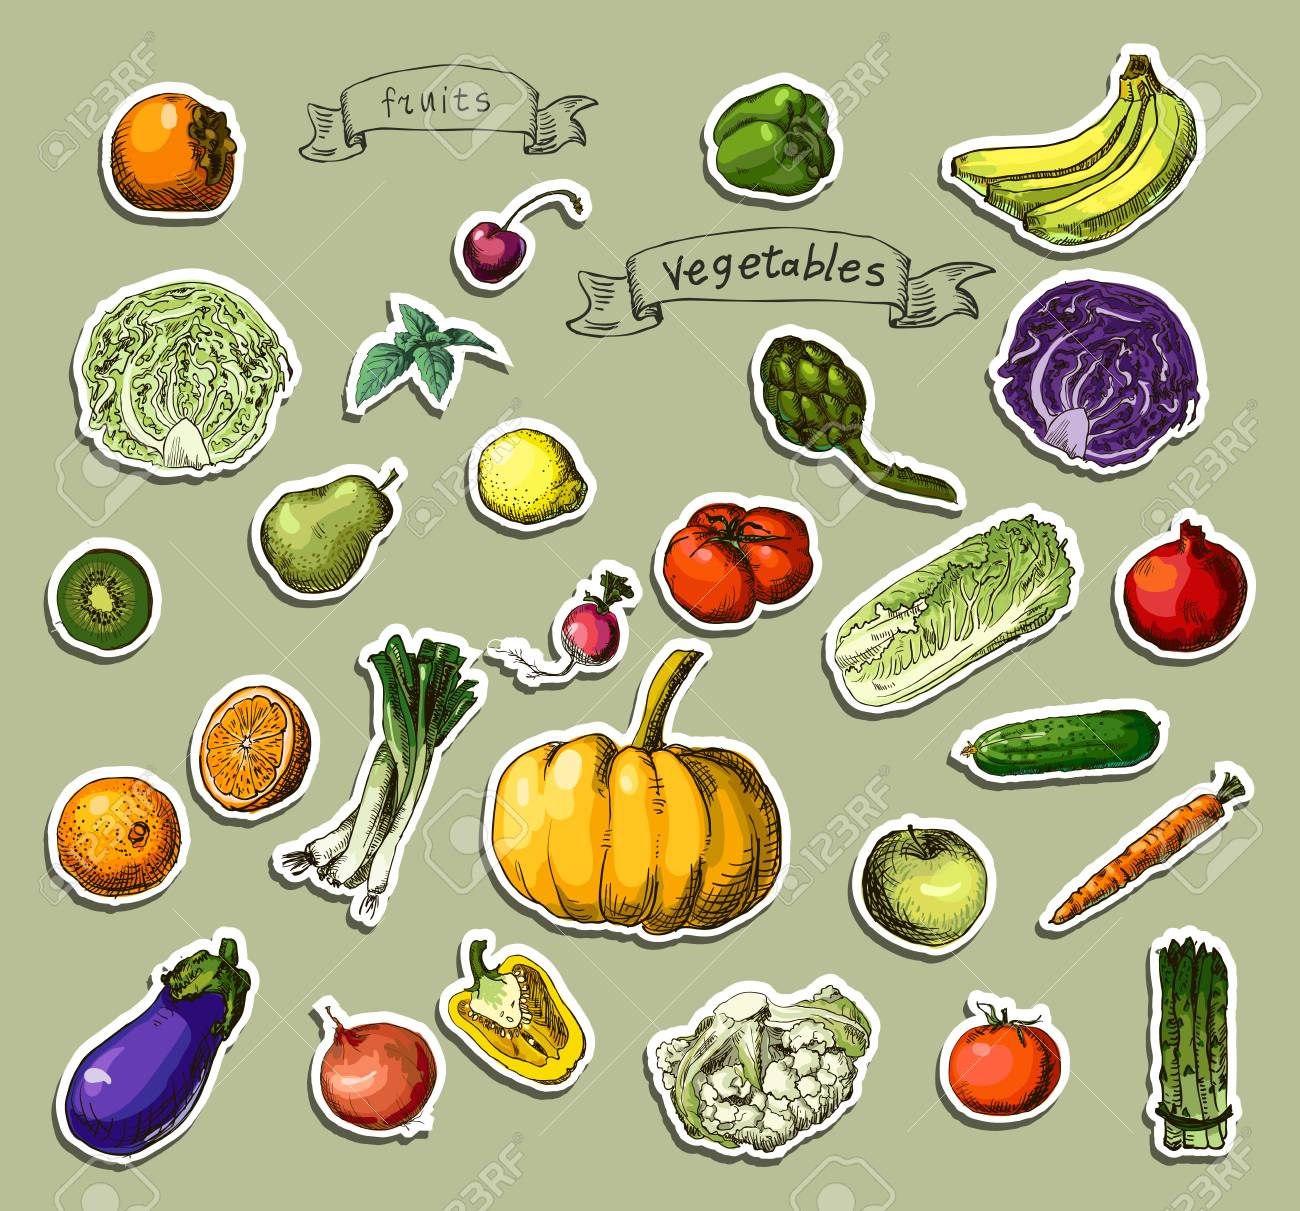 ベクトル イラスト手描き野菜一連の果物のイラスト素材ベクタ Image